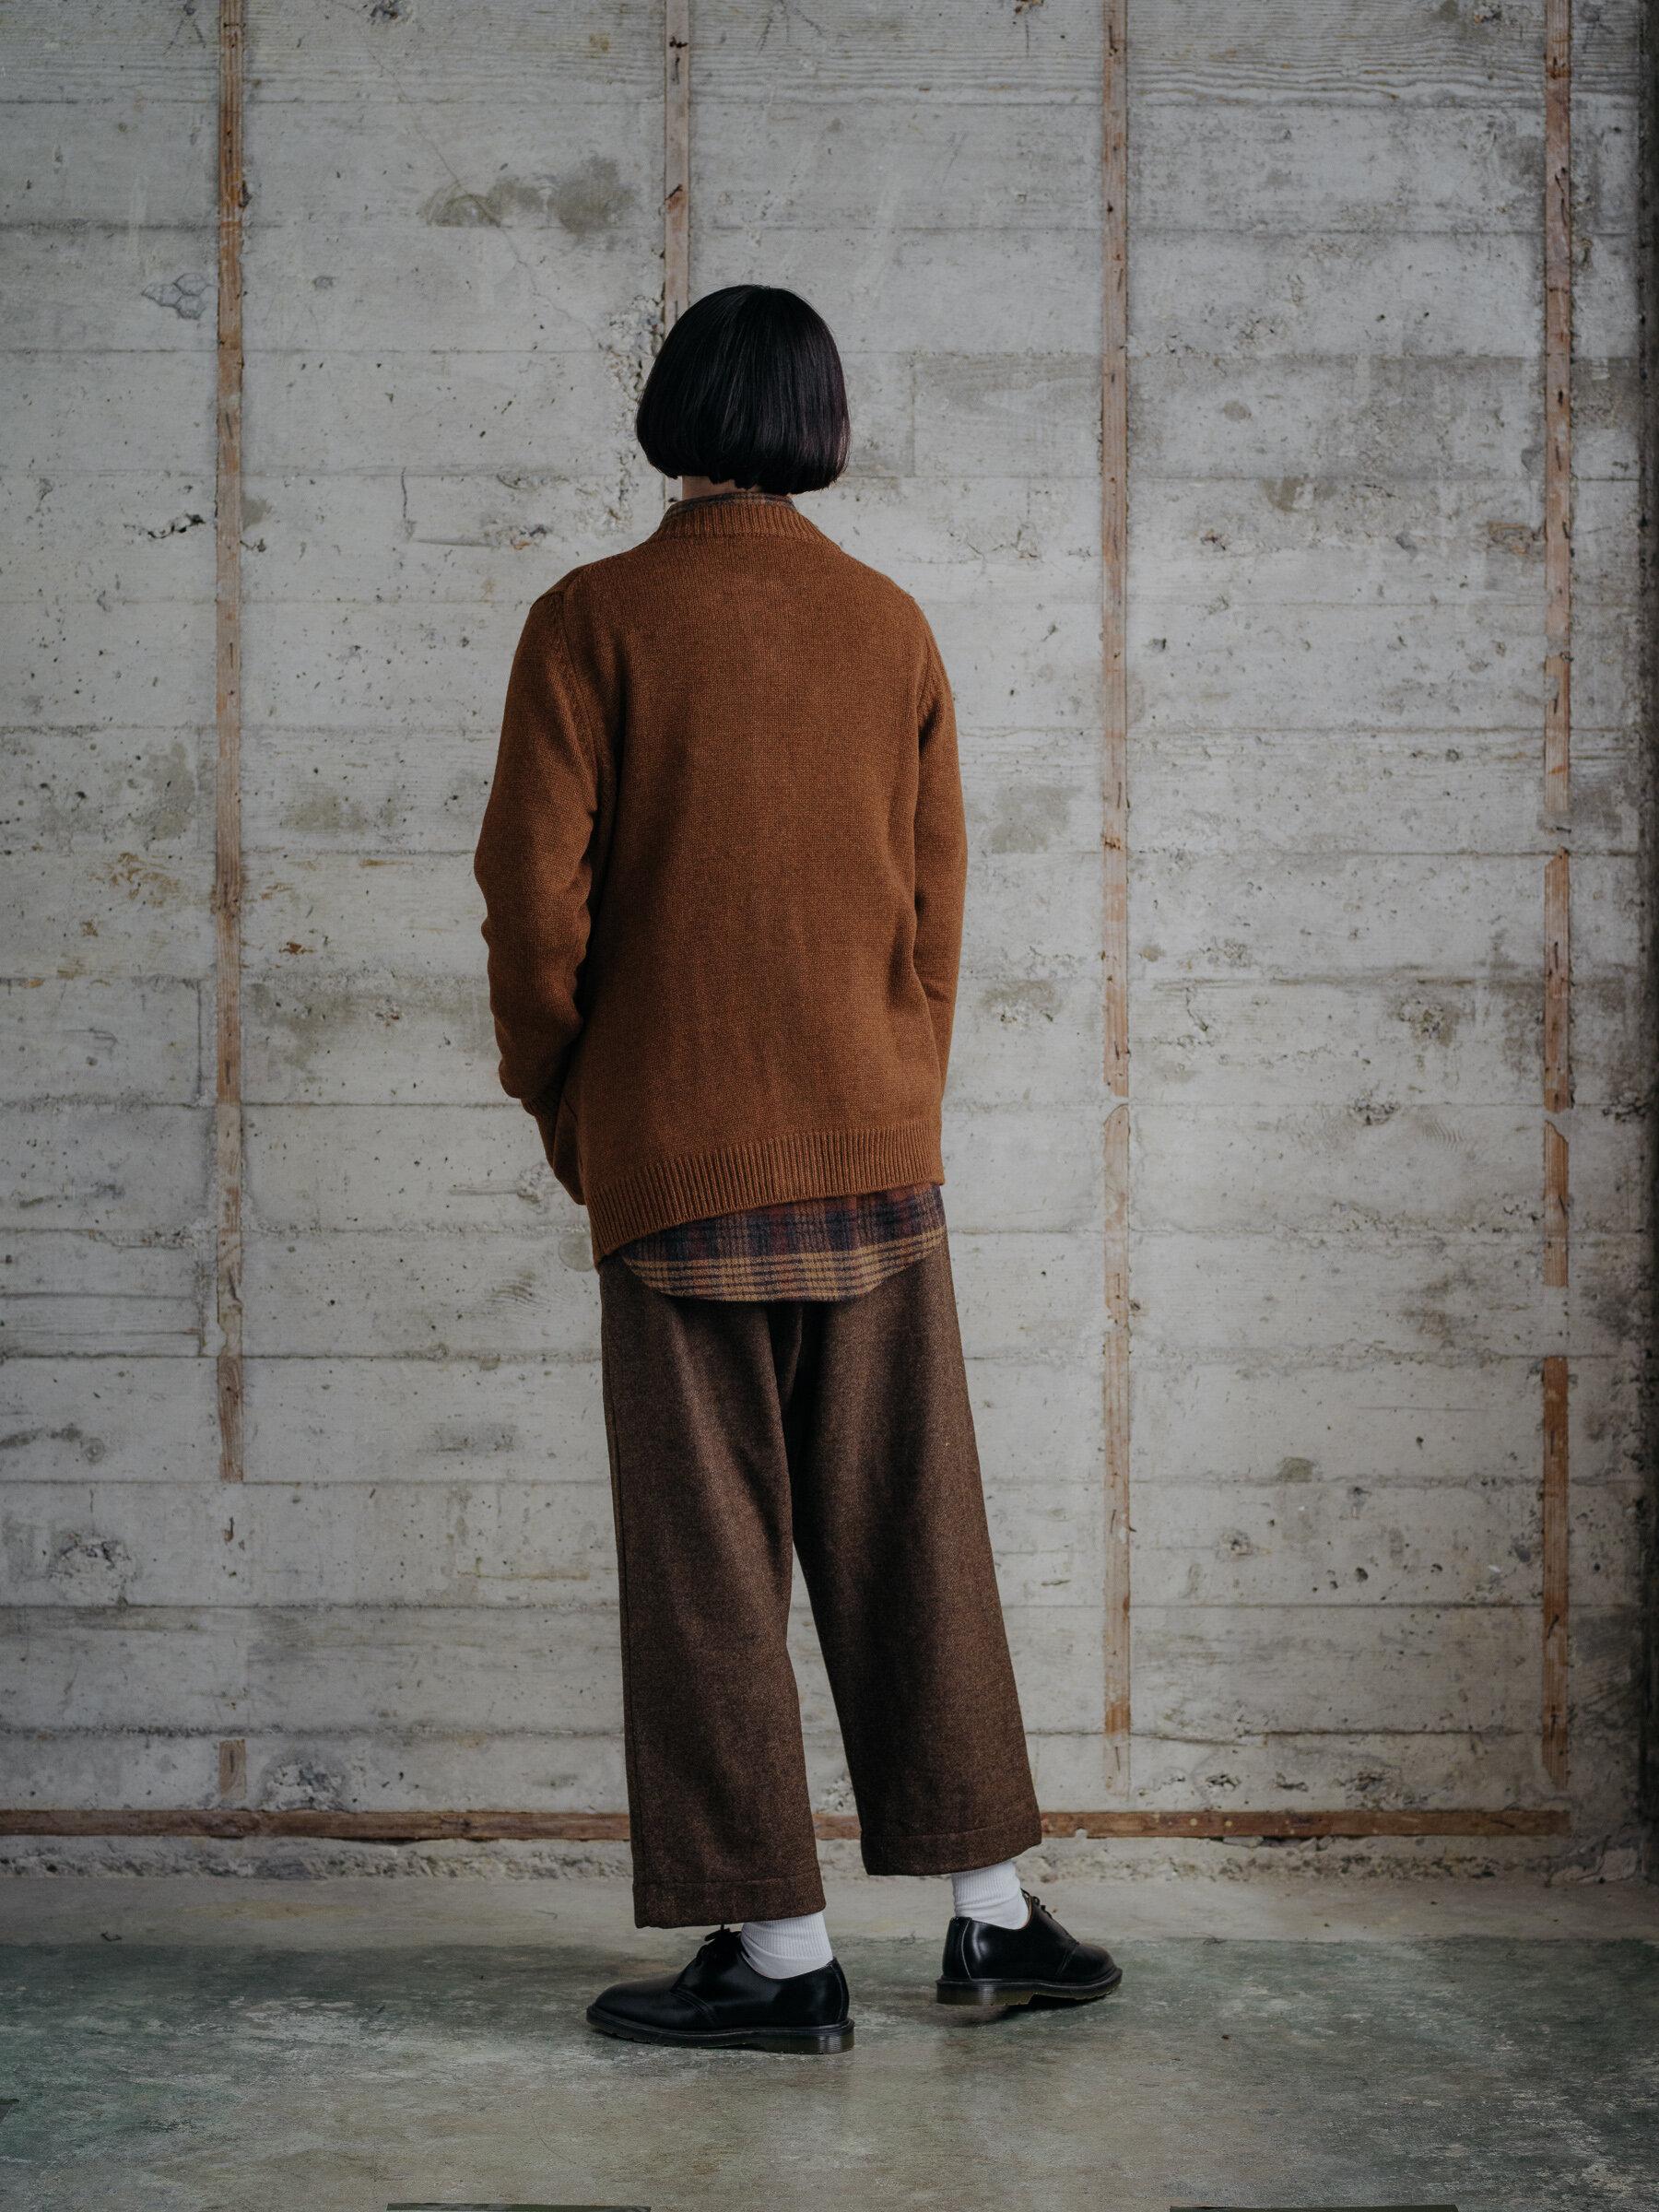 evan-kinori-crewneck-cardigan-sweater-cashmere-lambswool-made-in-italy-11